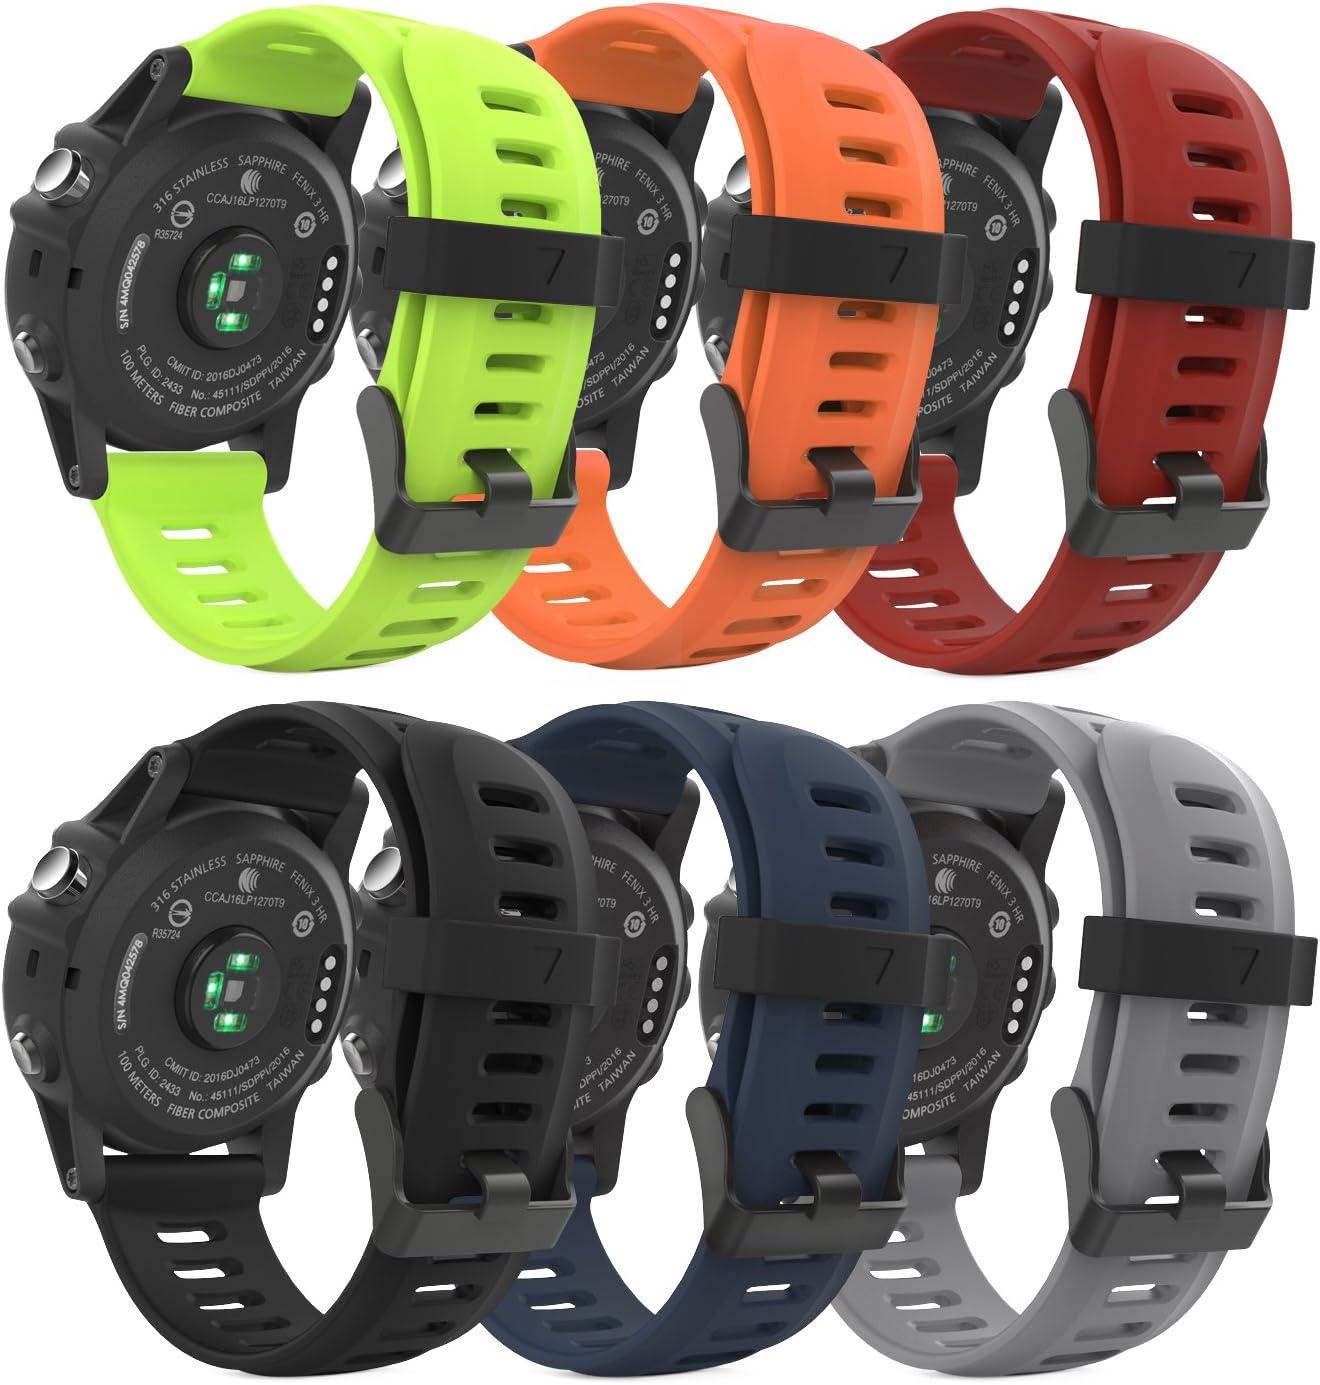 MoKo Band Compatible with Garmin Fenix 6X/Fenix 6X Pro/Fenix 3/Fenix 3 HR/Fenix 5X/5X Plus/D2 Delta PX/Descent Mk1 Smart Watch, [6PACK] Soft Silicone Replacement Watch Band, Multi Color A